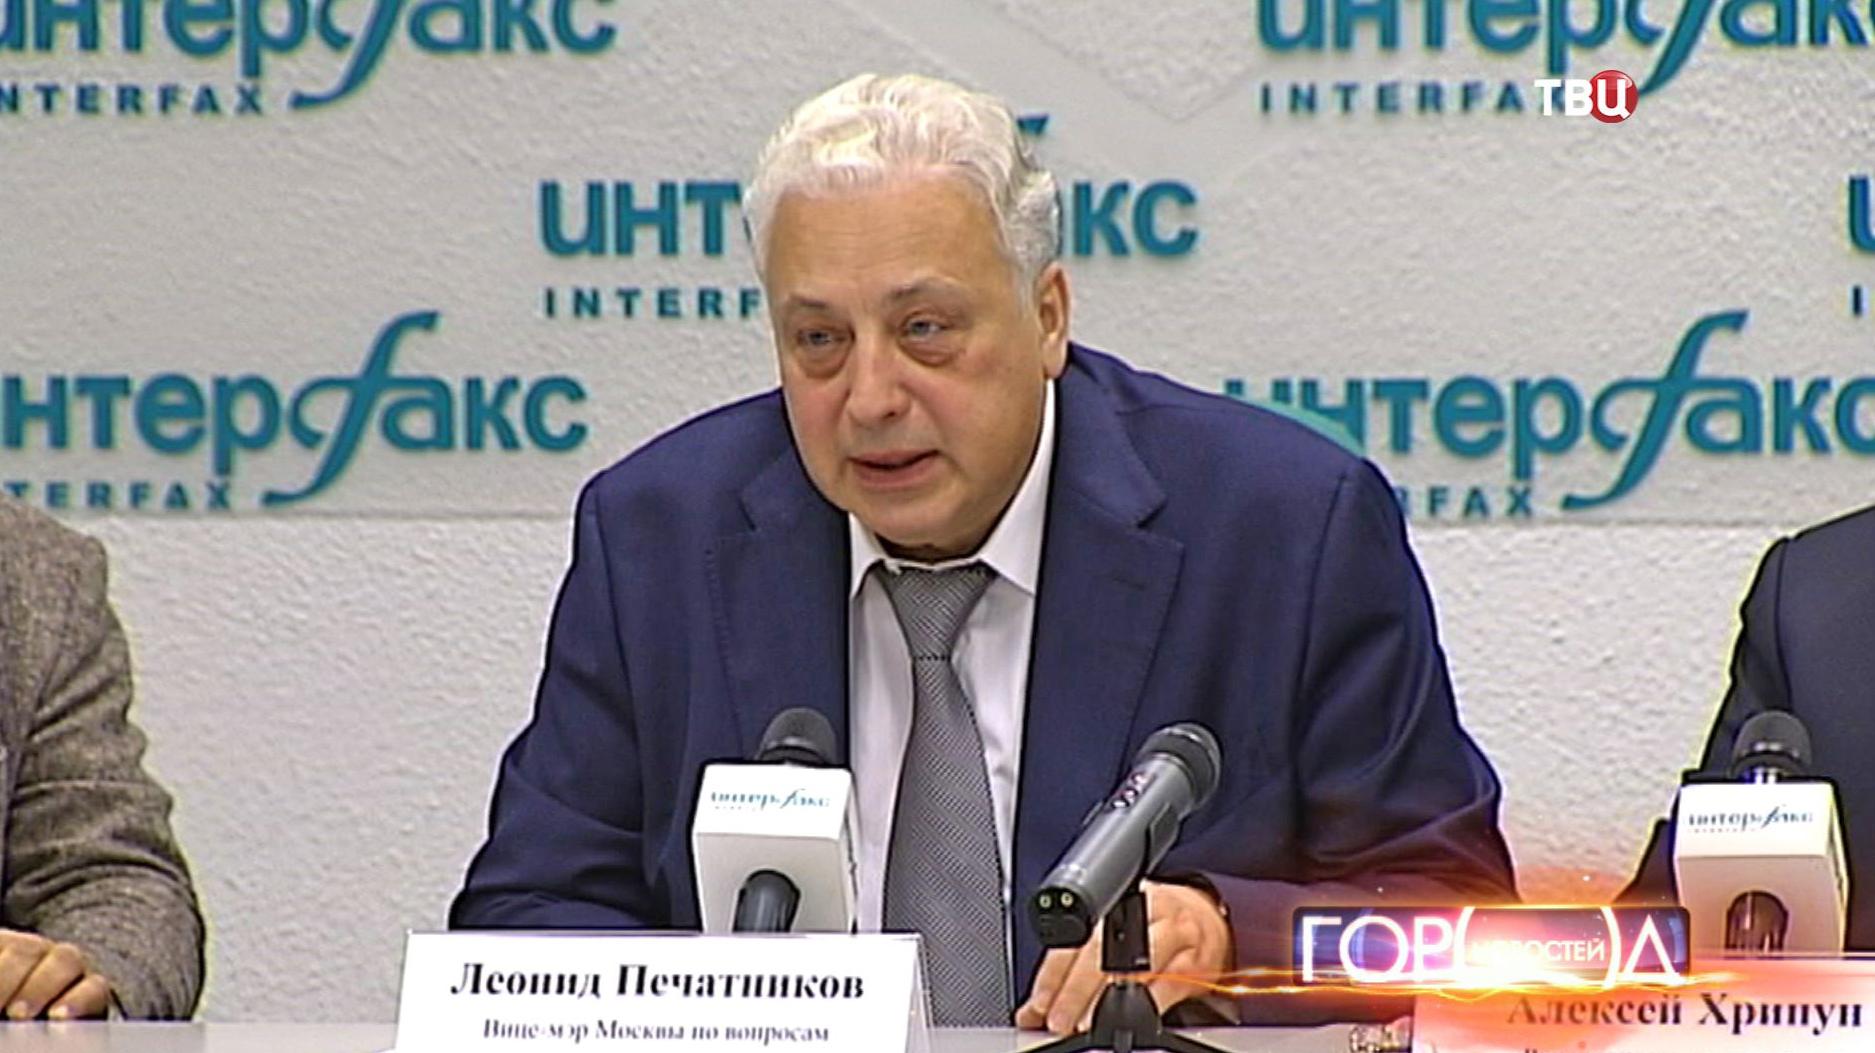 Вице-мэр Москвы по вопросам социального развития Леонид Печатников